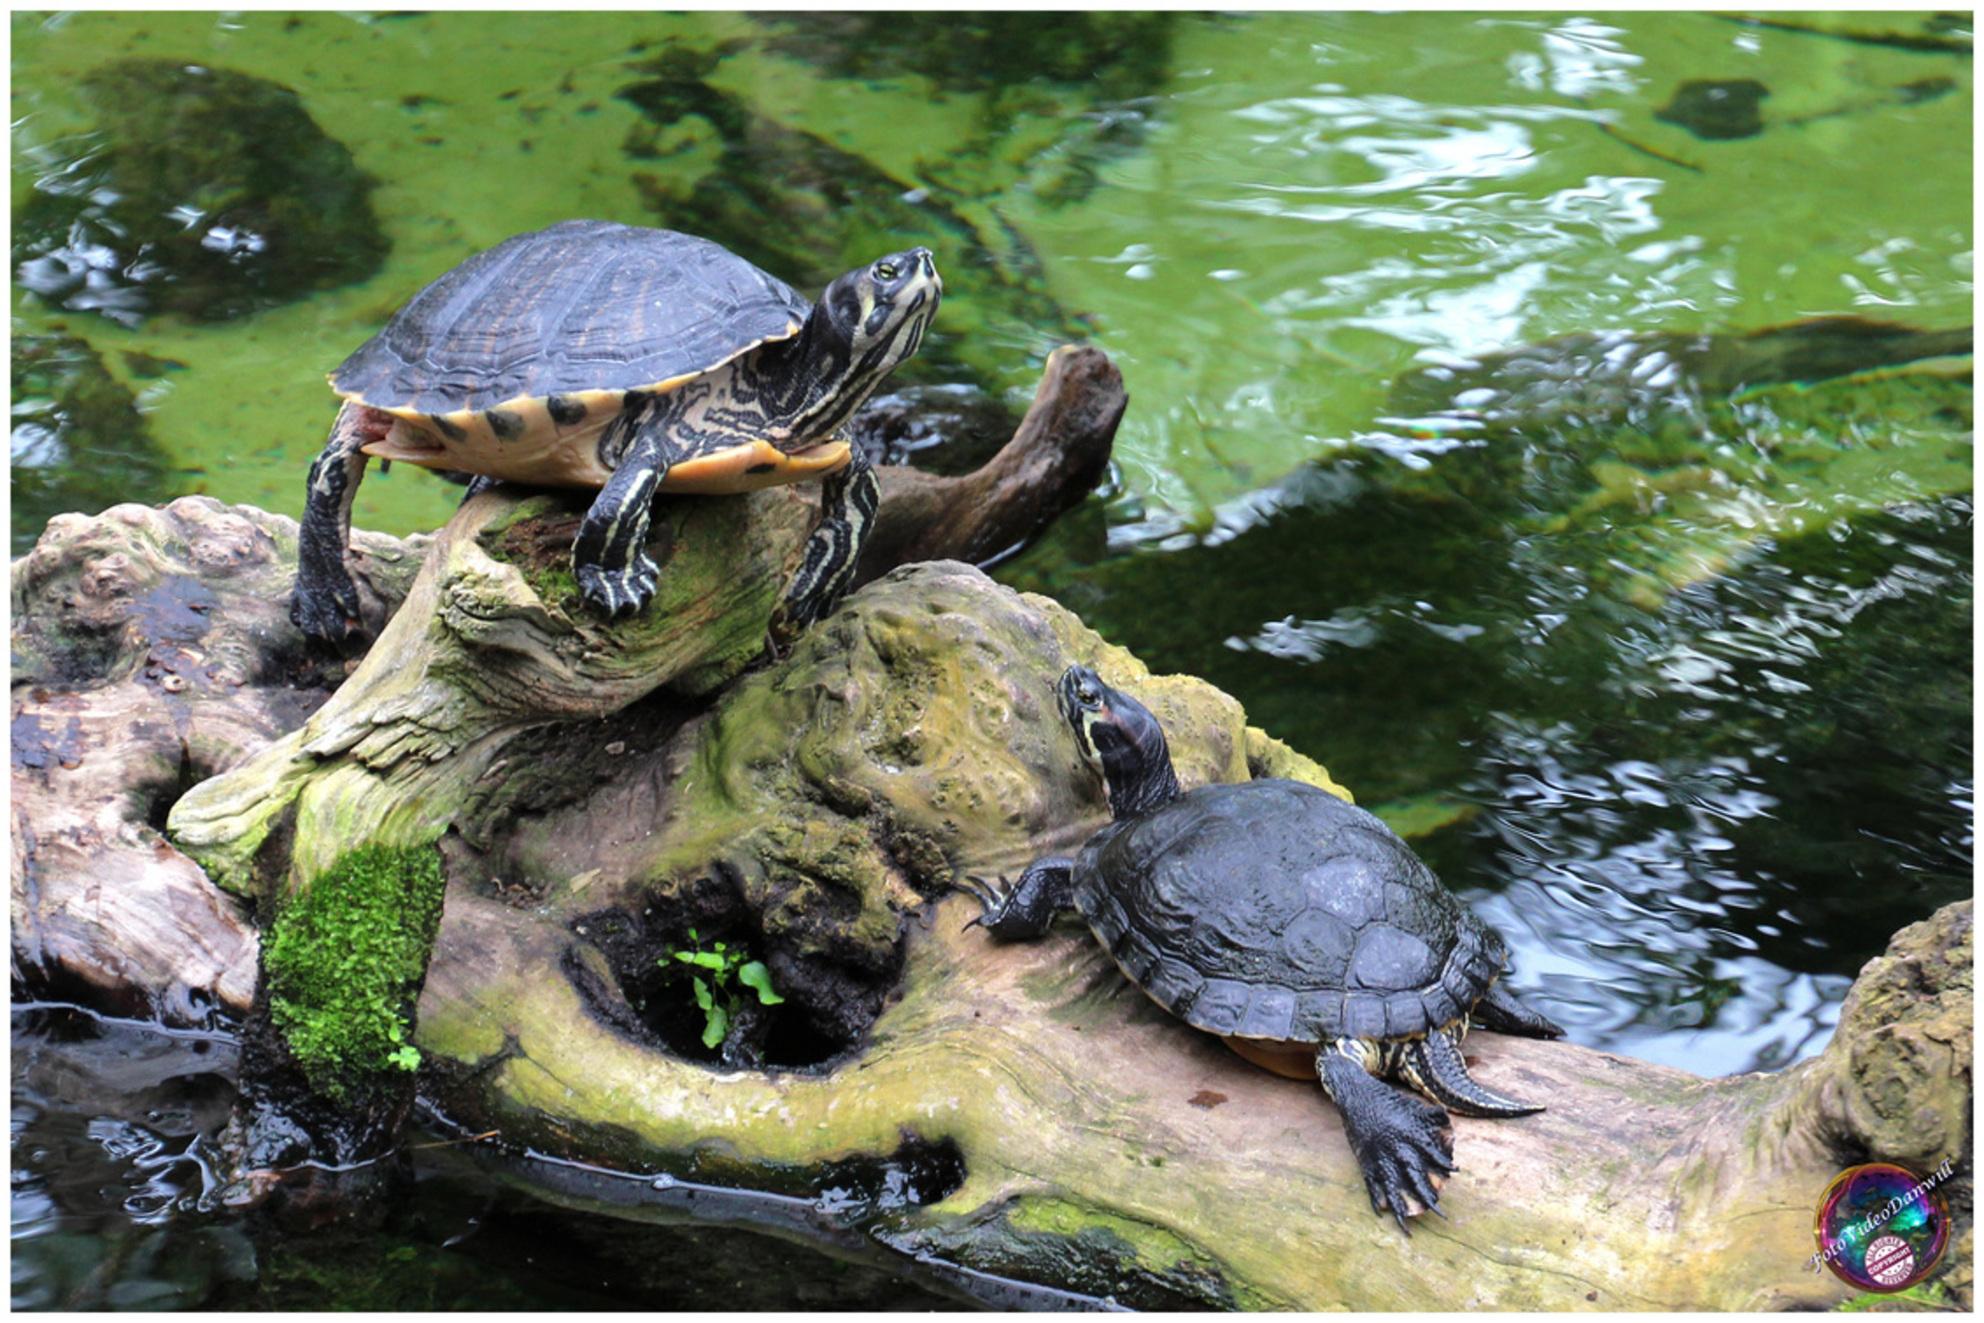 Ruik jij ook iets ... - - - foto door willemdanker op 22-12-2018 - deze foto bevat: schildpad, waterschildpad, luttelgeest, orchideeenhoeve - Deze foto mag gebruikt worden in een Zoom.nl publicatie